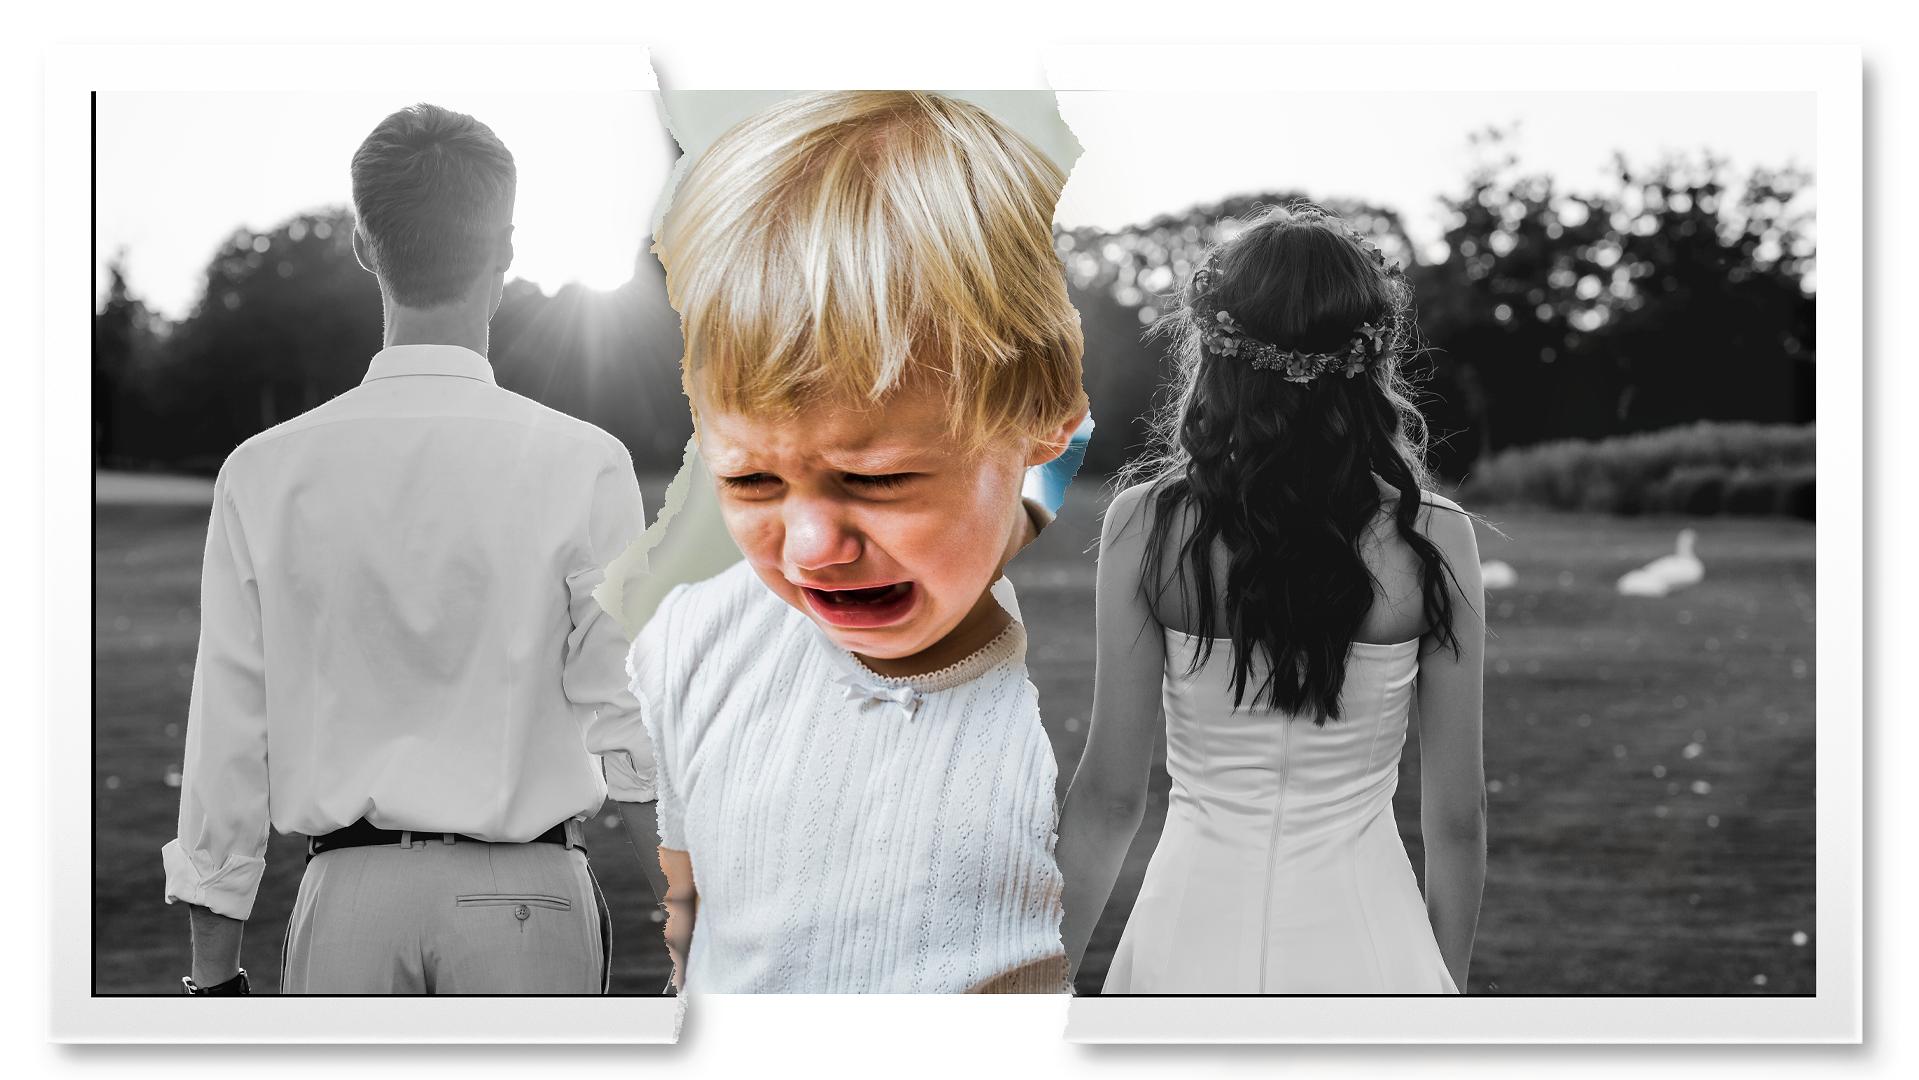 Ślub, ciąża, rozwód, wojna. Walka, w której dzieci głosu nie mają. Bitwa, w której giną